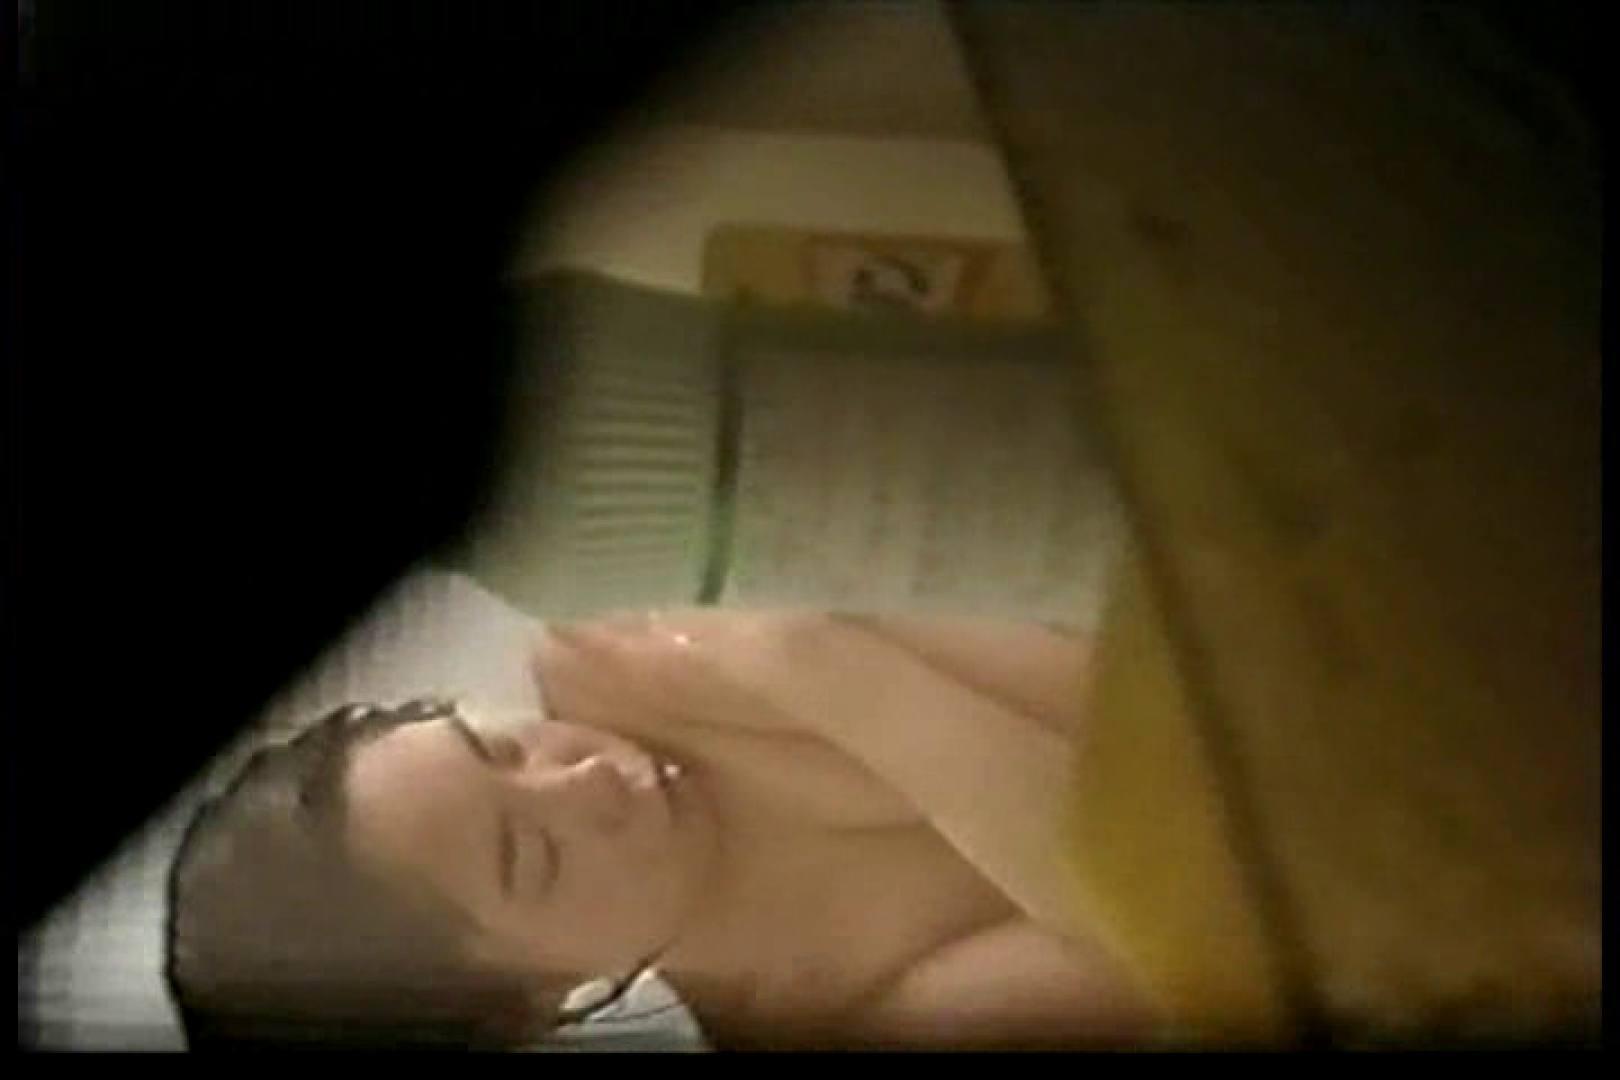 バレまくり!! 絶叫民家女風呂盗撮Vol.2 女風呂の実態 オマンコ無修正動画無料 86画像 23